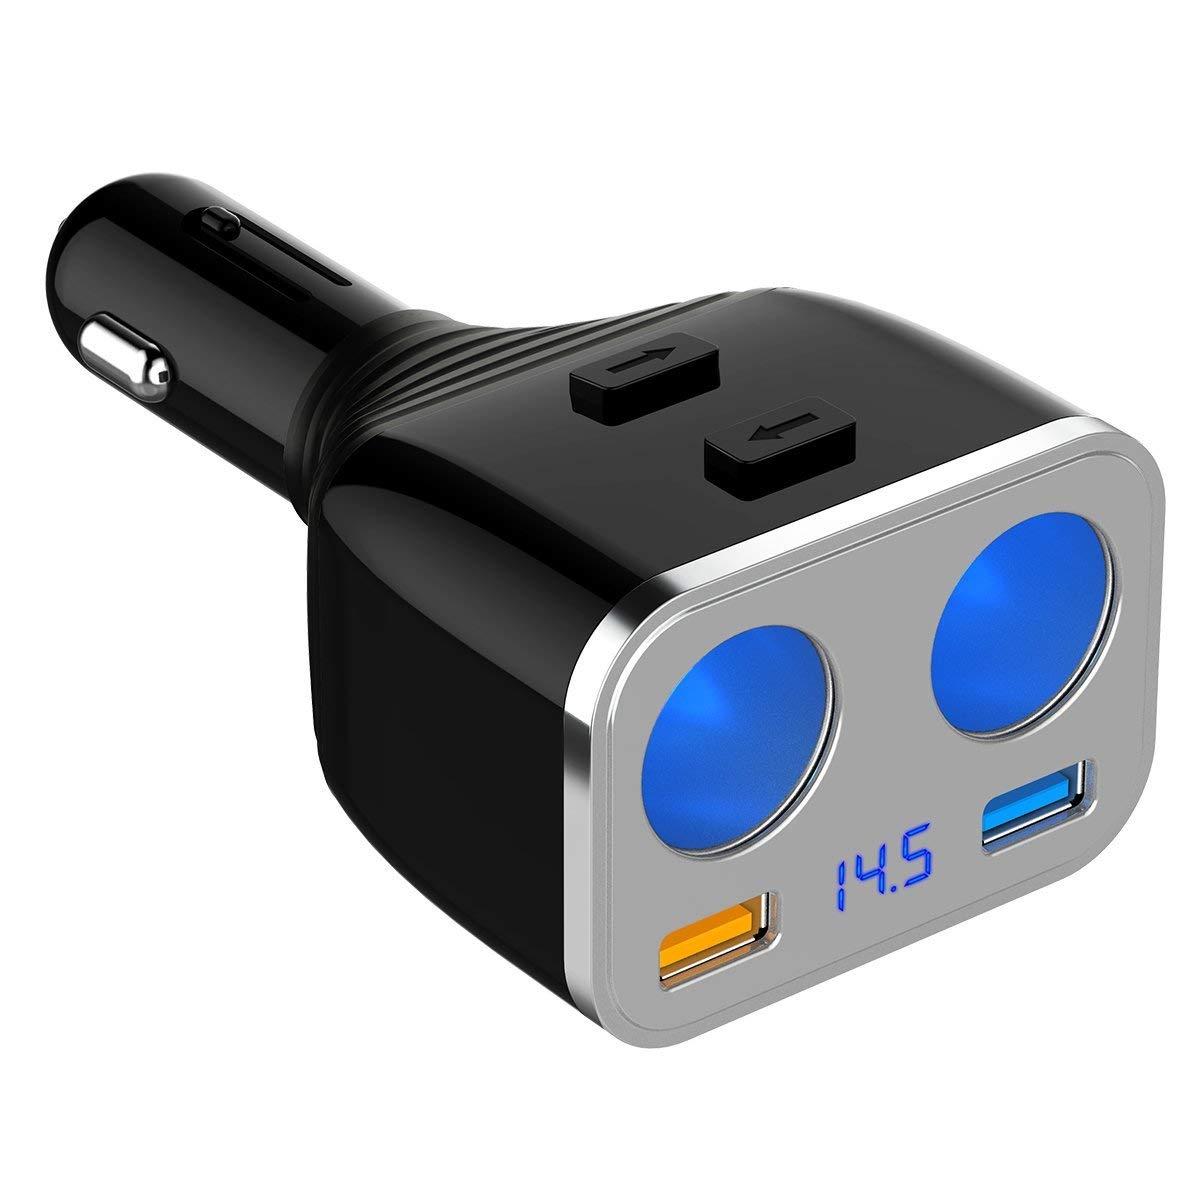 SONRU QC3.0 Chargeur de Voiture, 12V/24V Double Prise Allume-Cigare 80W Double Port USB 5.4A, Interrupteur Marche/Arrê t, pour iPhone, iPad, Samsung, Dashcam Interrupteur Marche/Arrêt CH08